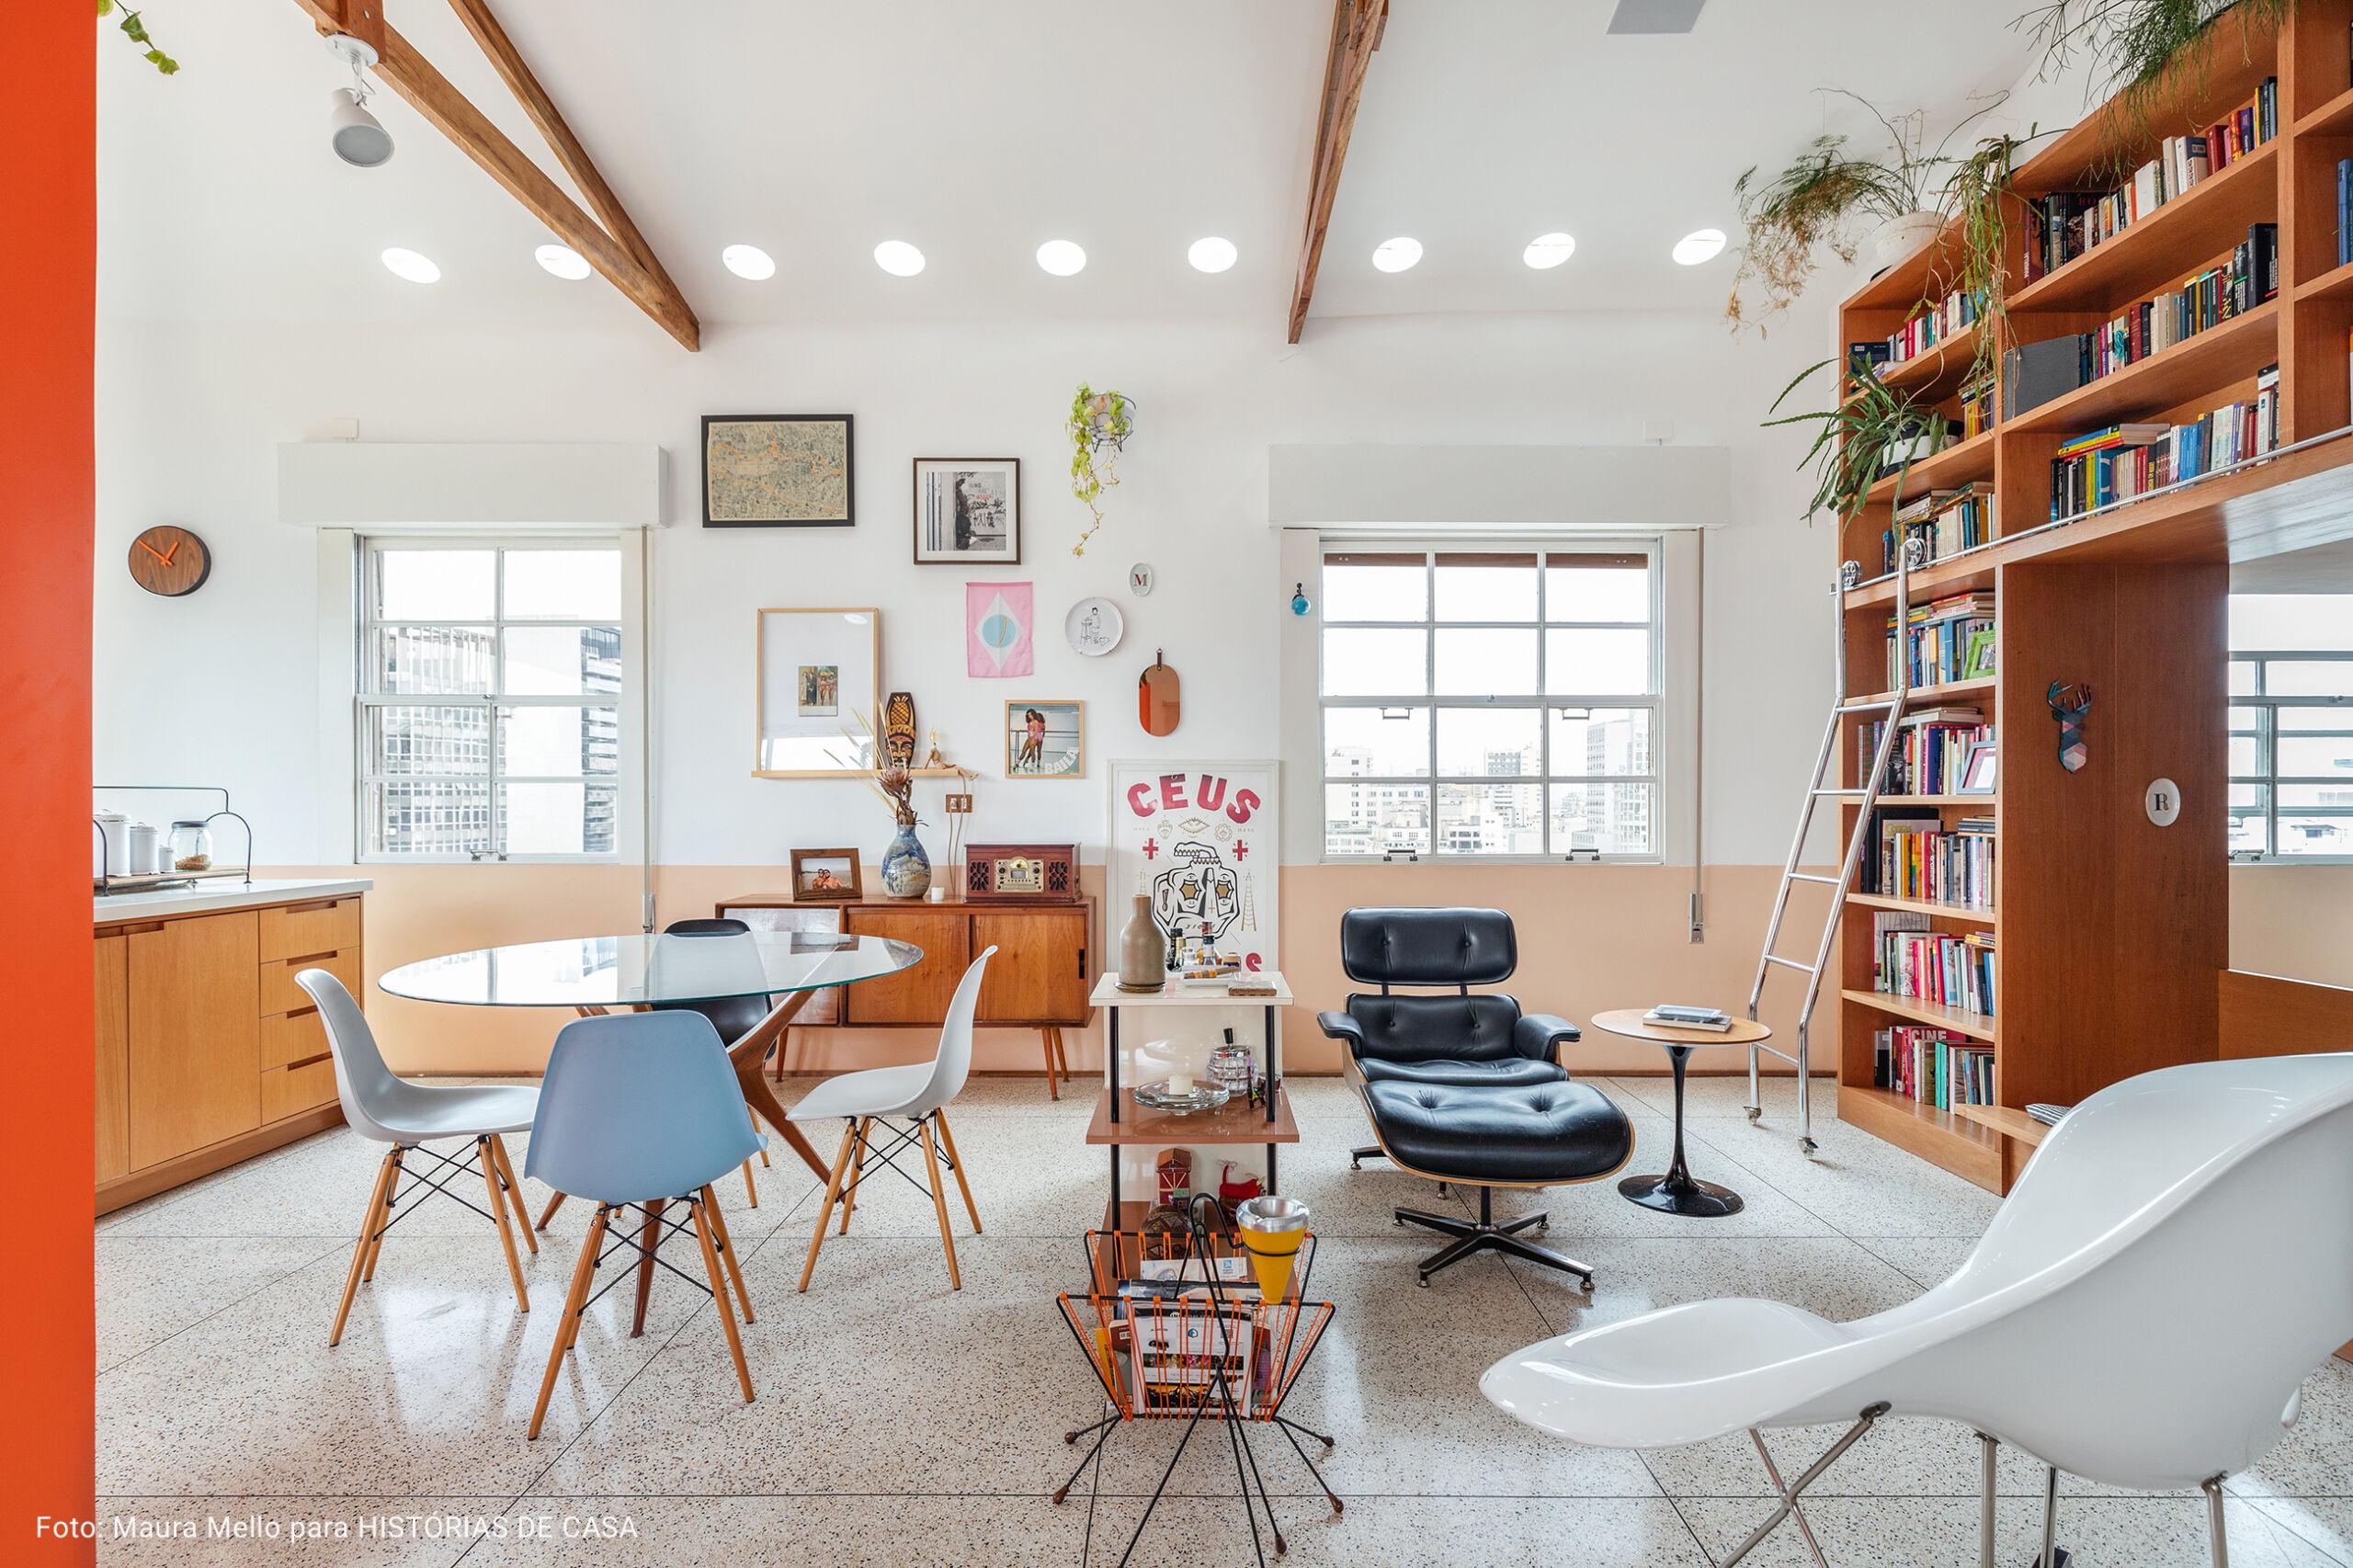 sala com cadeiras Eames coloridas